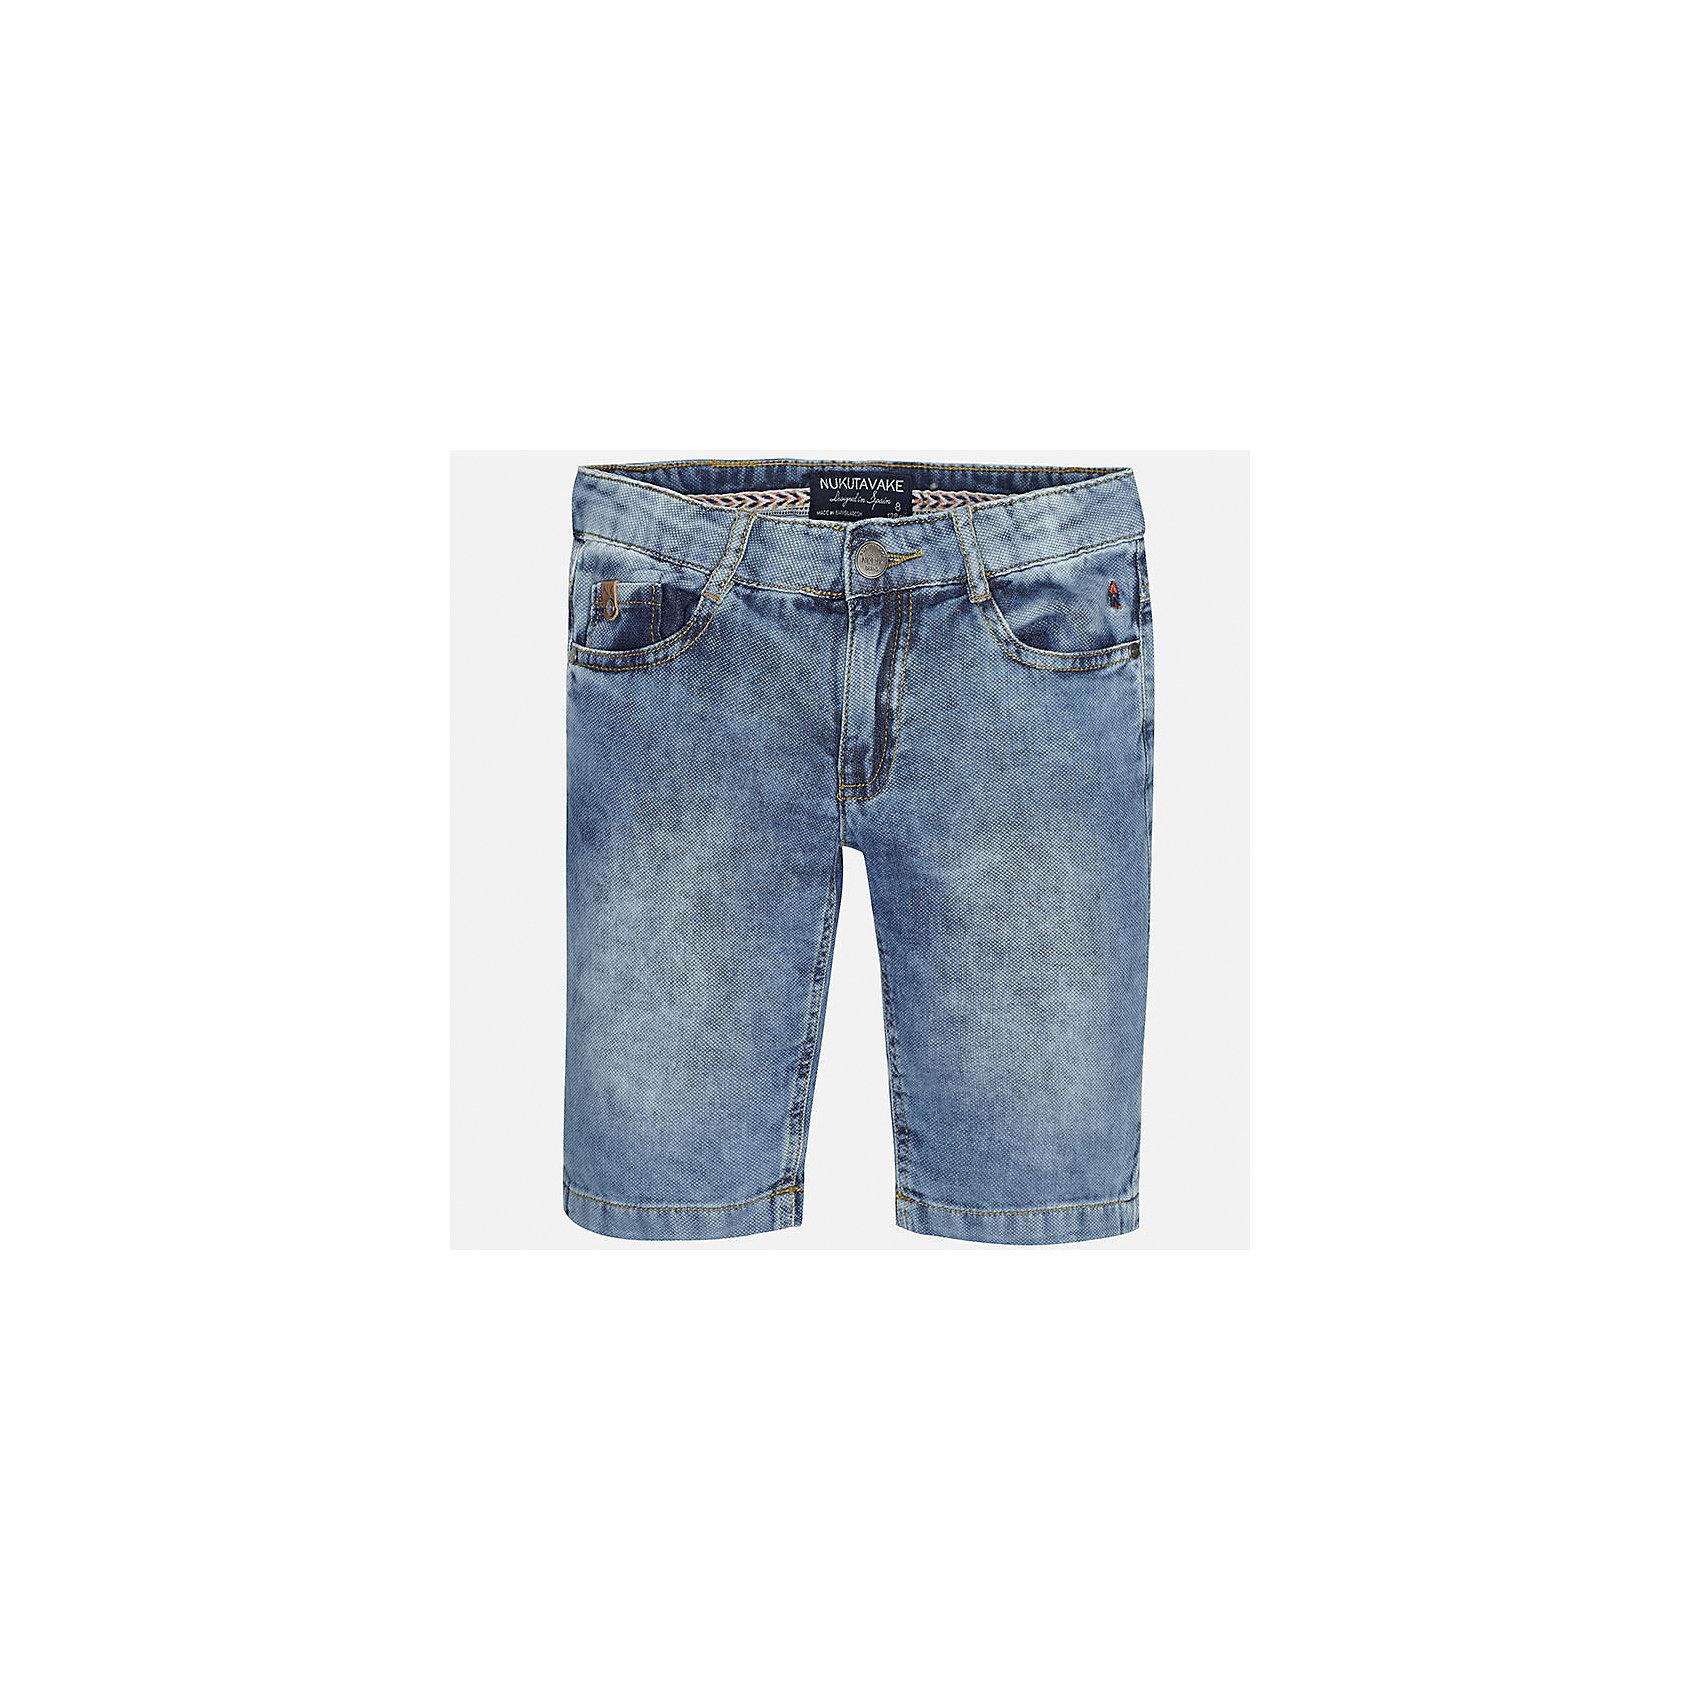 Шорты джинсовые для мальчика MayoralХарактеристики товара:<br><br>• цвет: голубой<br>• состав: 100% хлопок<br>• шлевки<br>• карманы<br>• пояс с регулировкой объема<br>• имитация потертостей<br>• страна бренда: Испания<br><br>Стильные шорты для мальчика смогут стать базовой вещью в гардеробе ребенка. Они отлично сочетаются с майками, футболками, рубашками и т.д. Универсальный крой и цвет позволяет подобрать к вещи верх разных расцветок. Практичное и стильное изделие! В составе материала - только натуральный хлопок, гипоаллергенный, приятный на ощупь, дышащий.<br><br>Одежда, обувь и аксессуары от испанского бренда Mayoral полюбились детям и взрослым по всему миру. Модели этой марки - стильные и удобные. Для их производства используются только безопасные, качественные материалы и фурнитура. Порадуйте ребенка модными и красивыми вещами от Mayoral! <br><br>Шорты для мальчика от испанского бренда Mayoral (Майорал) можно купить в нашем интернет-магазине.<br><br>Ширина мм: 191<br>Глубина мм: 10<br>Высота мм: 175<br>Вес г: 273<br>Цвет: голубой<br>Возраст от месяцев: 84<br>Возраст до месяцев: 96<br>Пол: Мужской<br>Возраст: Детский<br>Размер: 128/134,170,164,158,152,140<br>SKU: 5281708